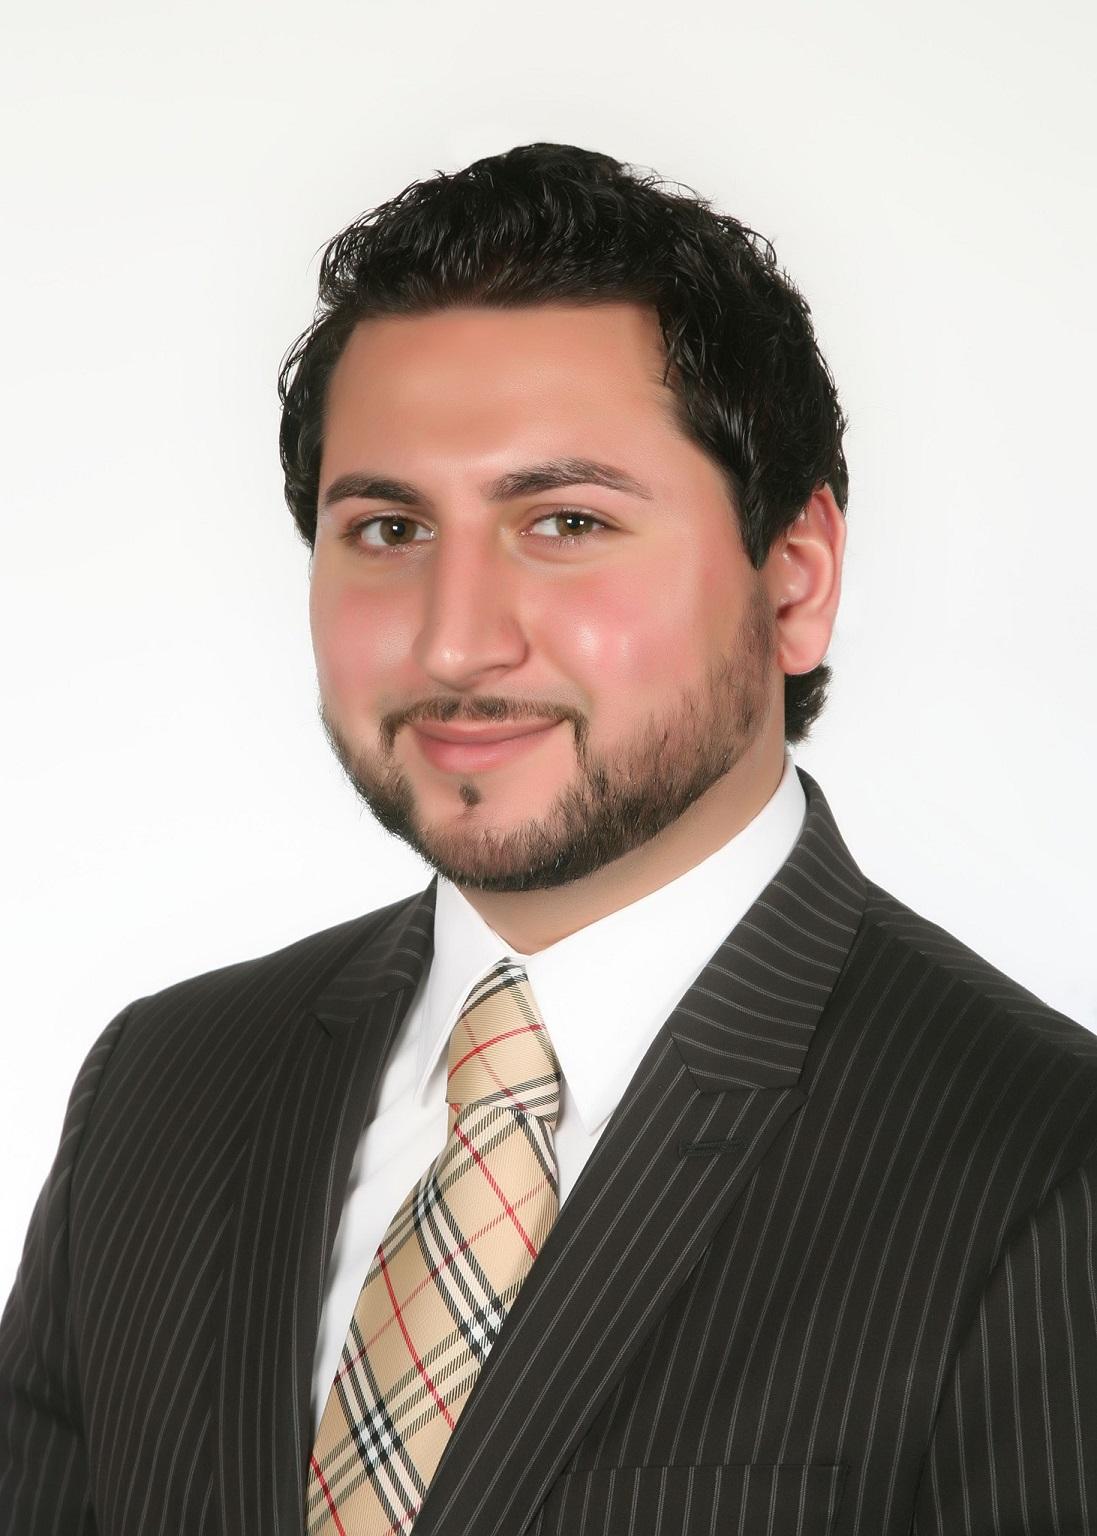 Dave Kaafarani